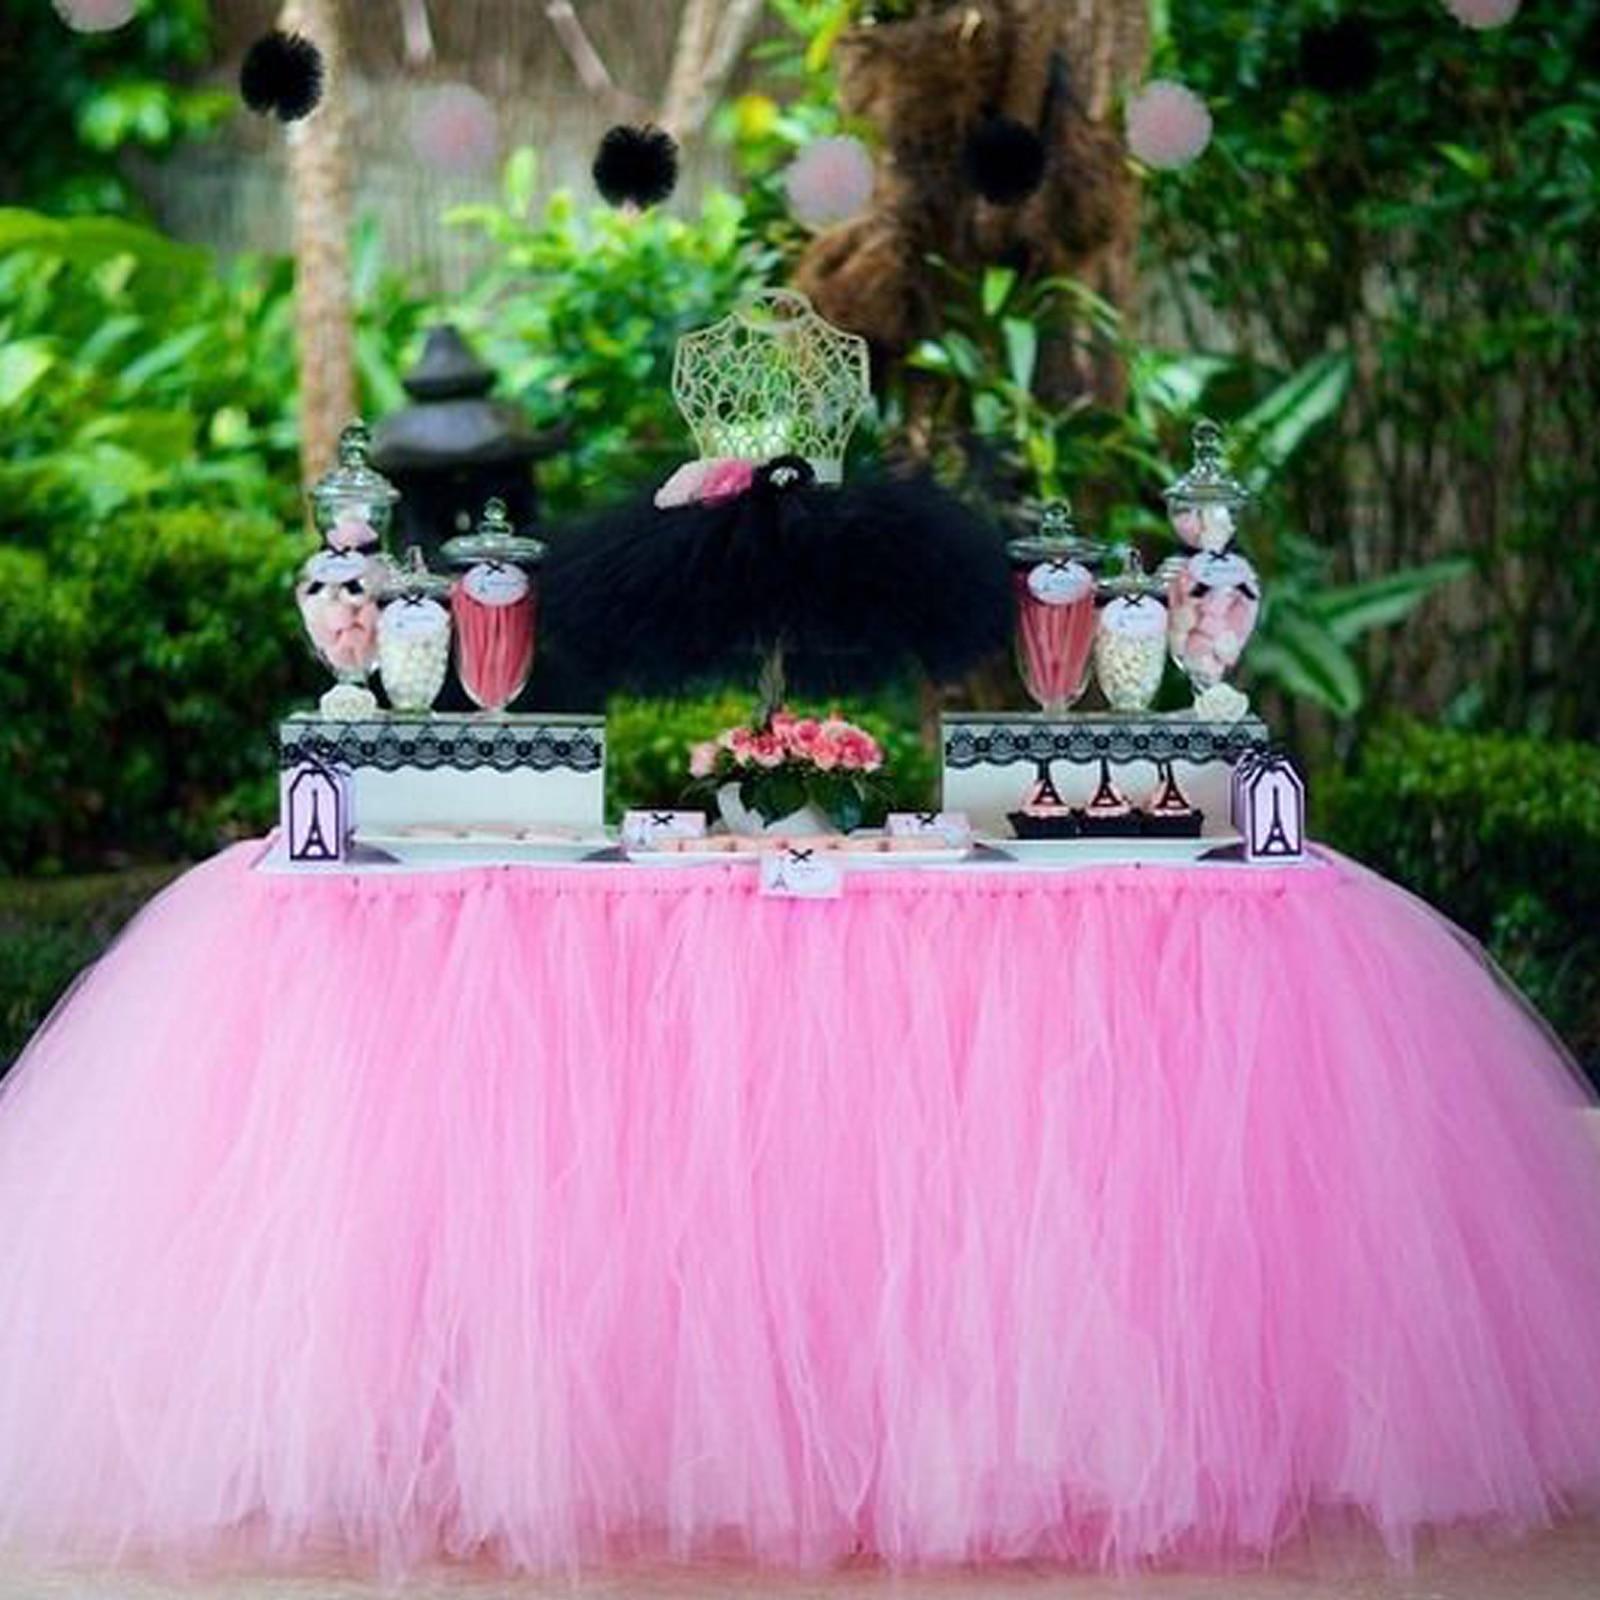 1 Uds. Falda de mesa para cumpleaños, Baby Shower, tul para fiesta de bodas, tutú, mesa, falda, decoraciones, manualidades Diy para decoración de fiesta en casa